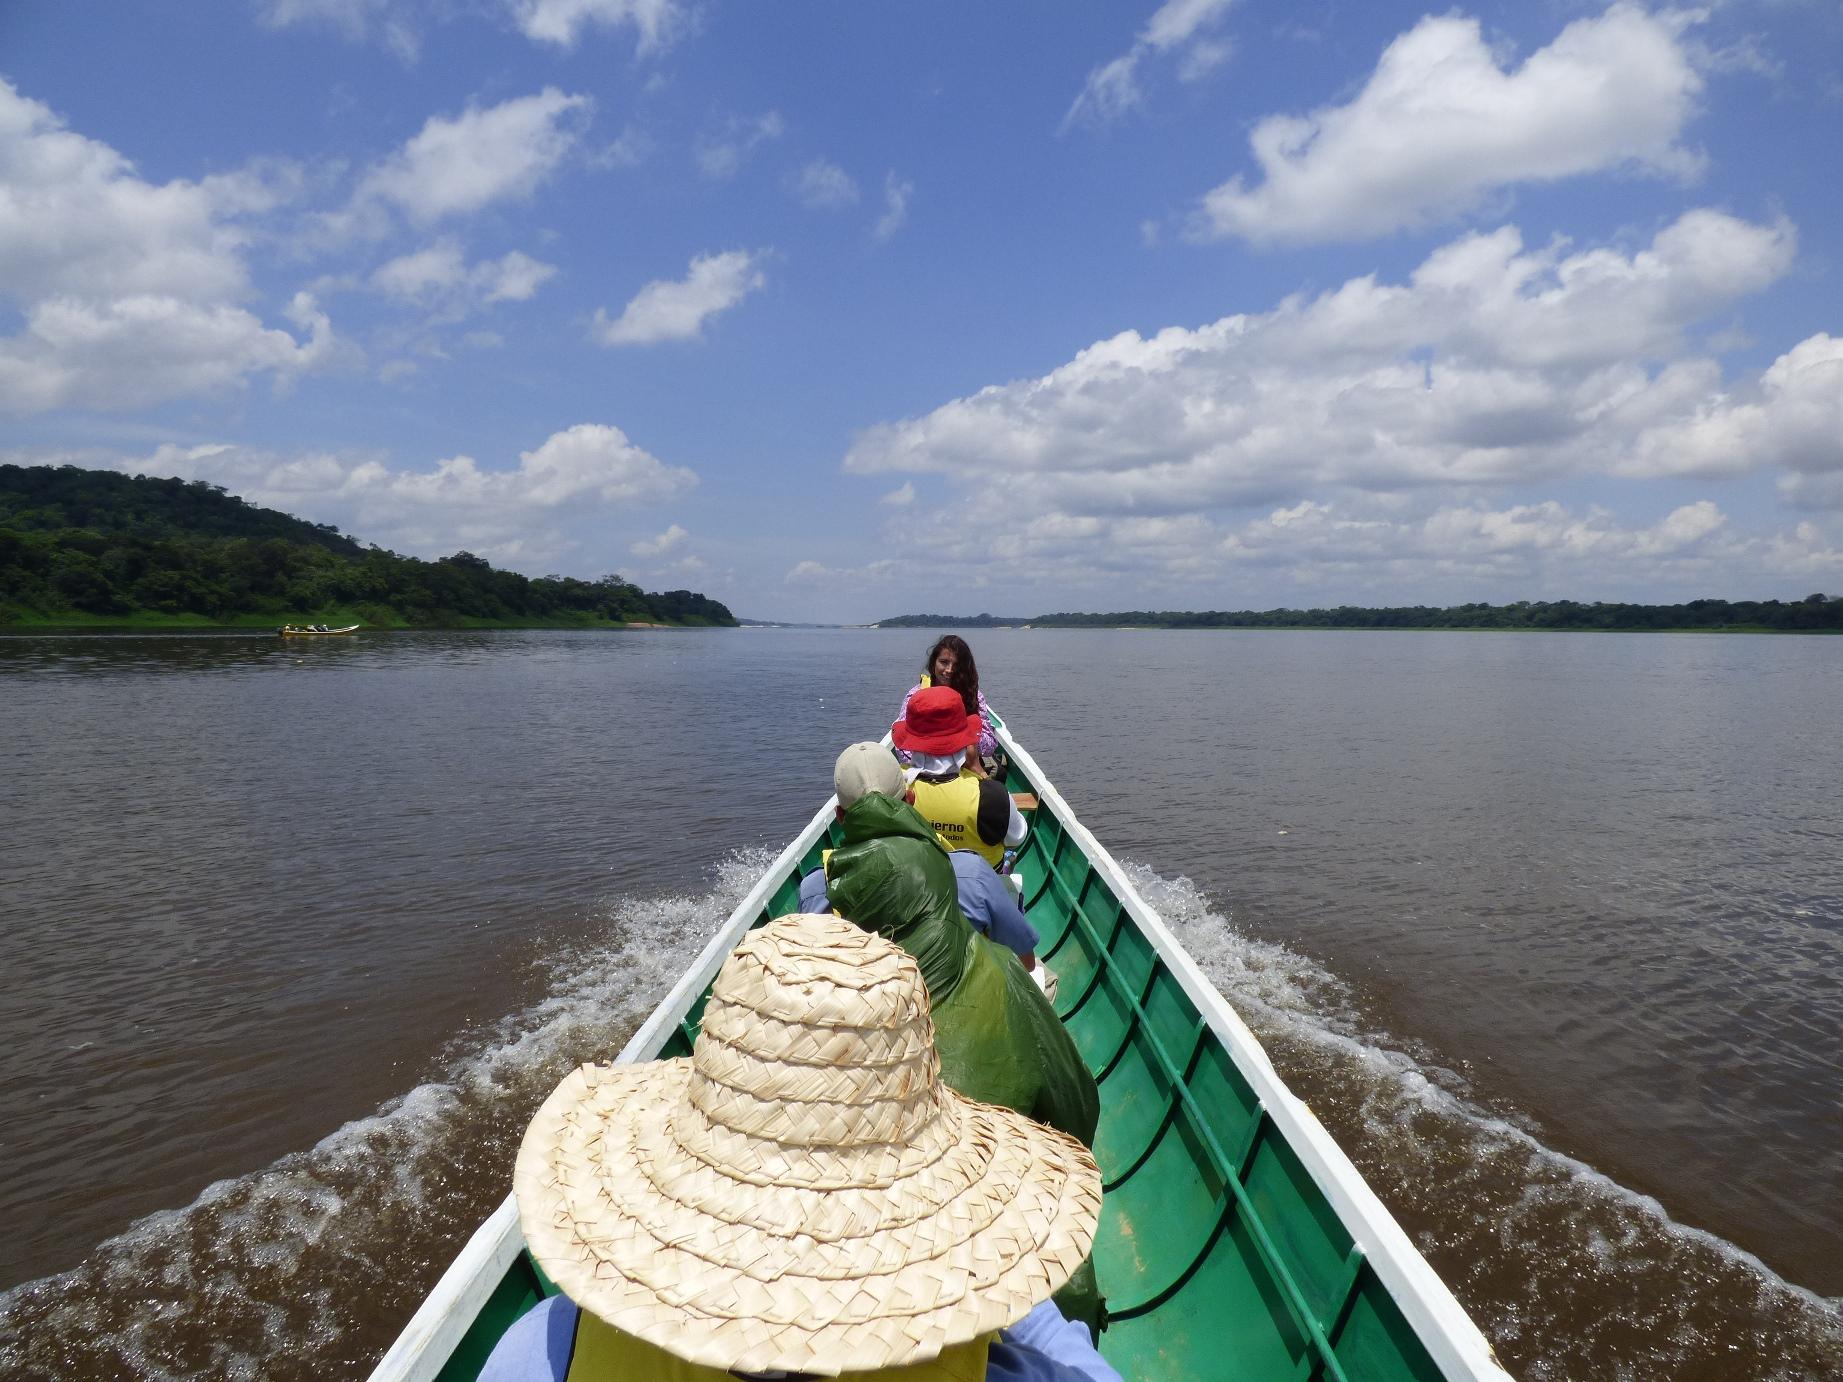 Navegando en el Río Orinoco - Vichada. Foto: David Medina